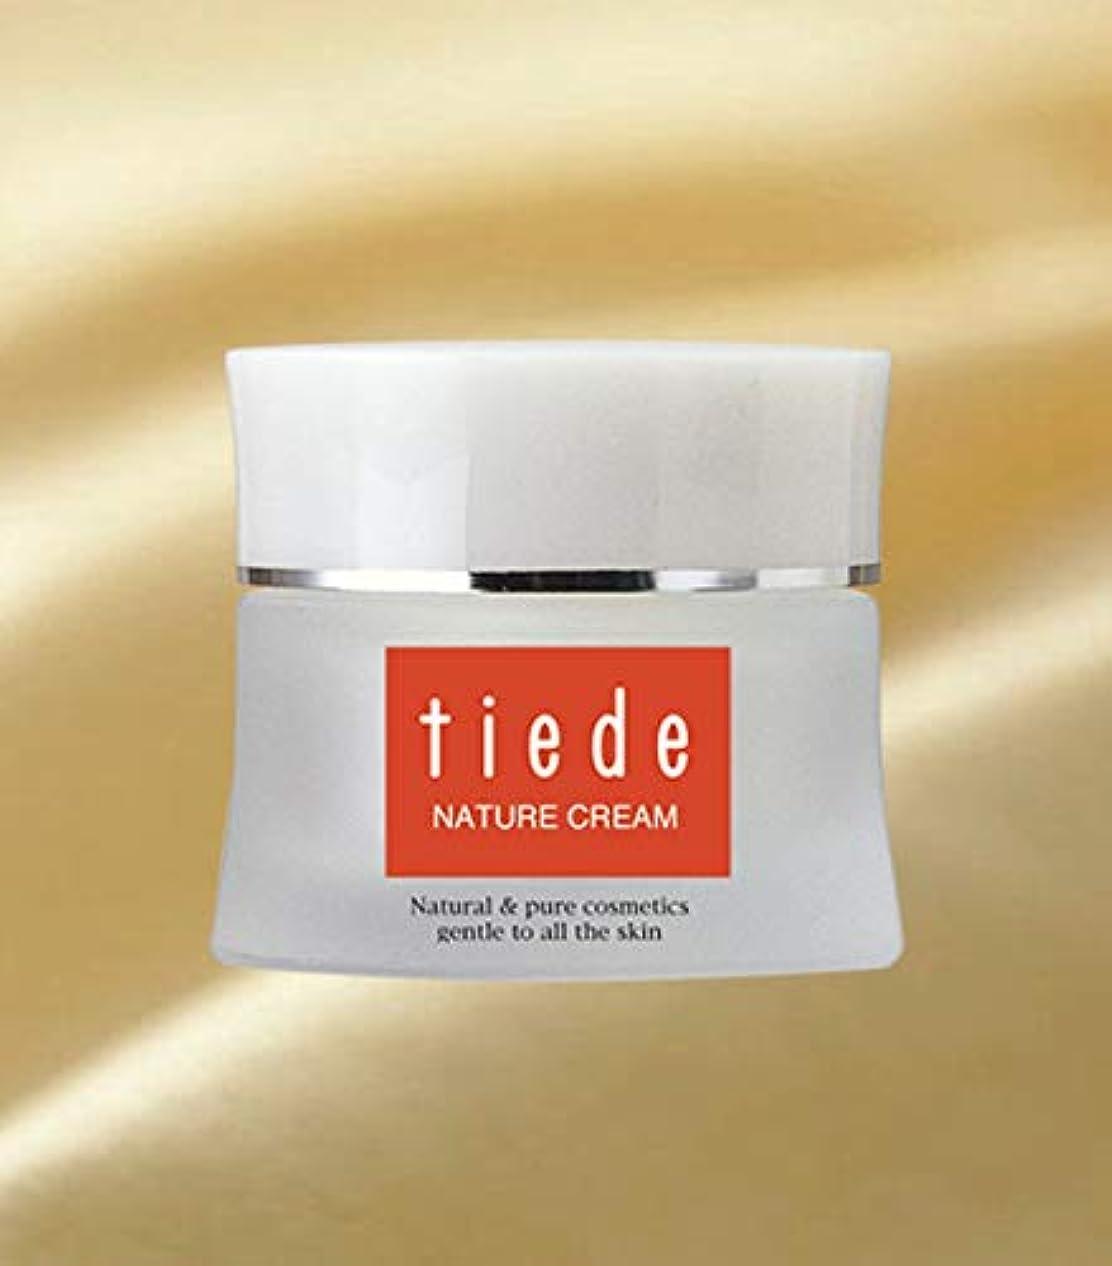 苦情文句パンインフラティエード ナテュール クリーム(40g) Tiede Natural Cream